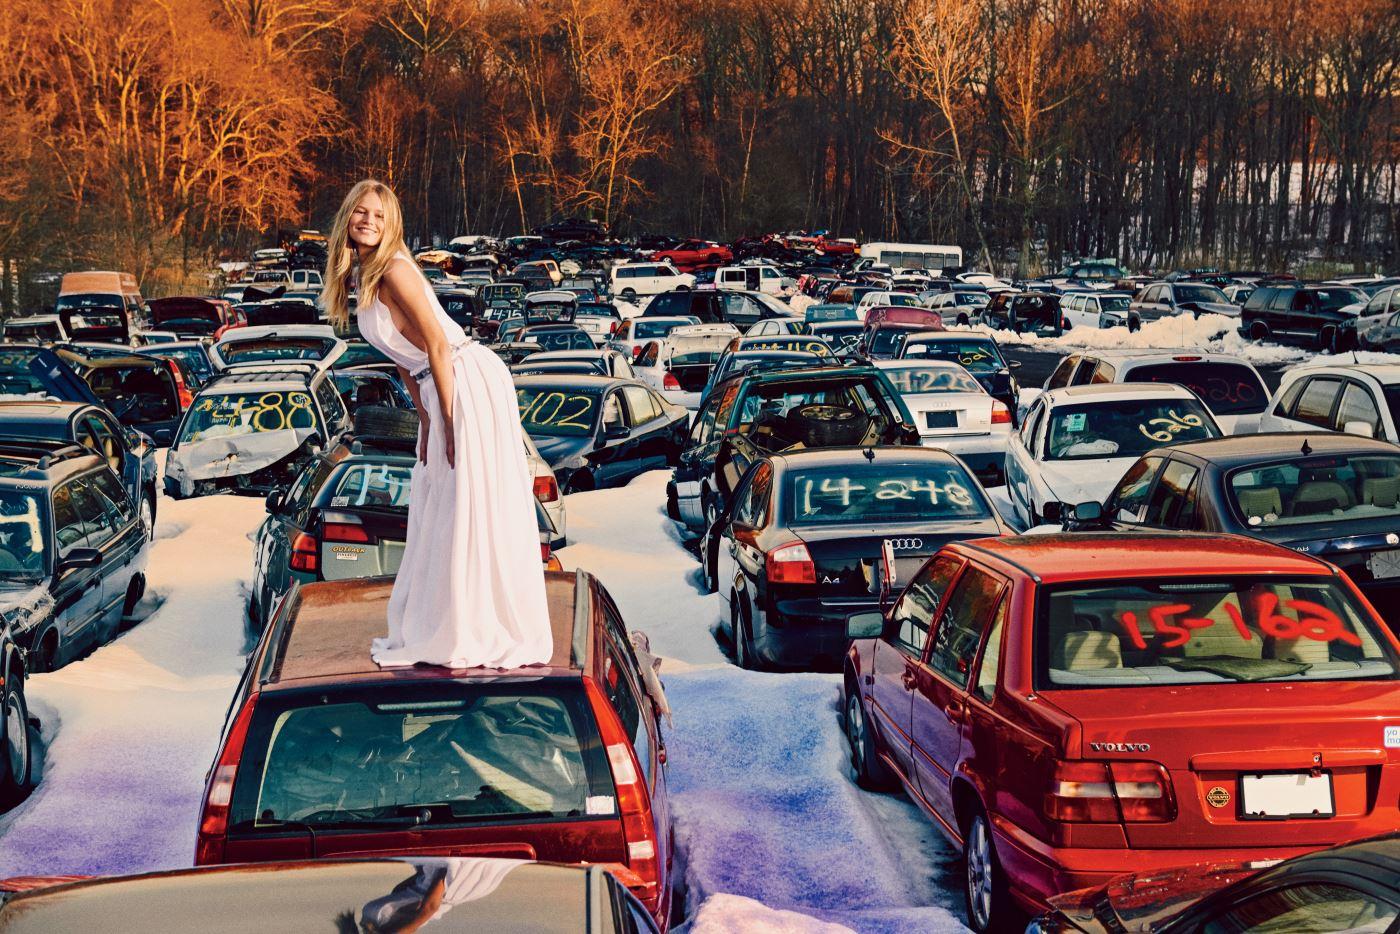 소매가 과감하게 파인 흰색 롱 드레스는 Carolina Herrera 제품. Beauty note: 클라란스의 Body Shaping Cream으로 군살을 정돈하라.